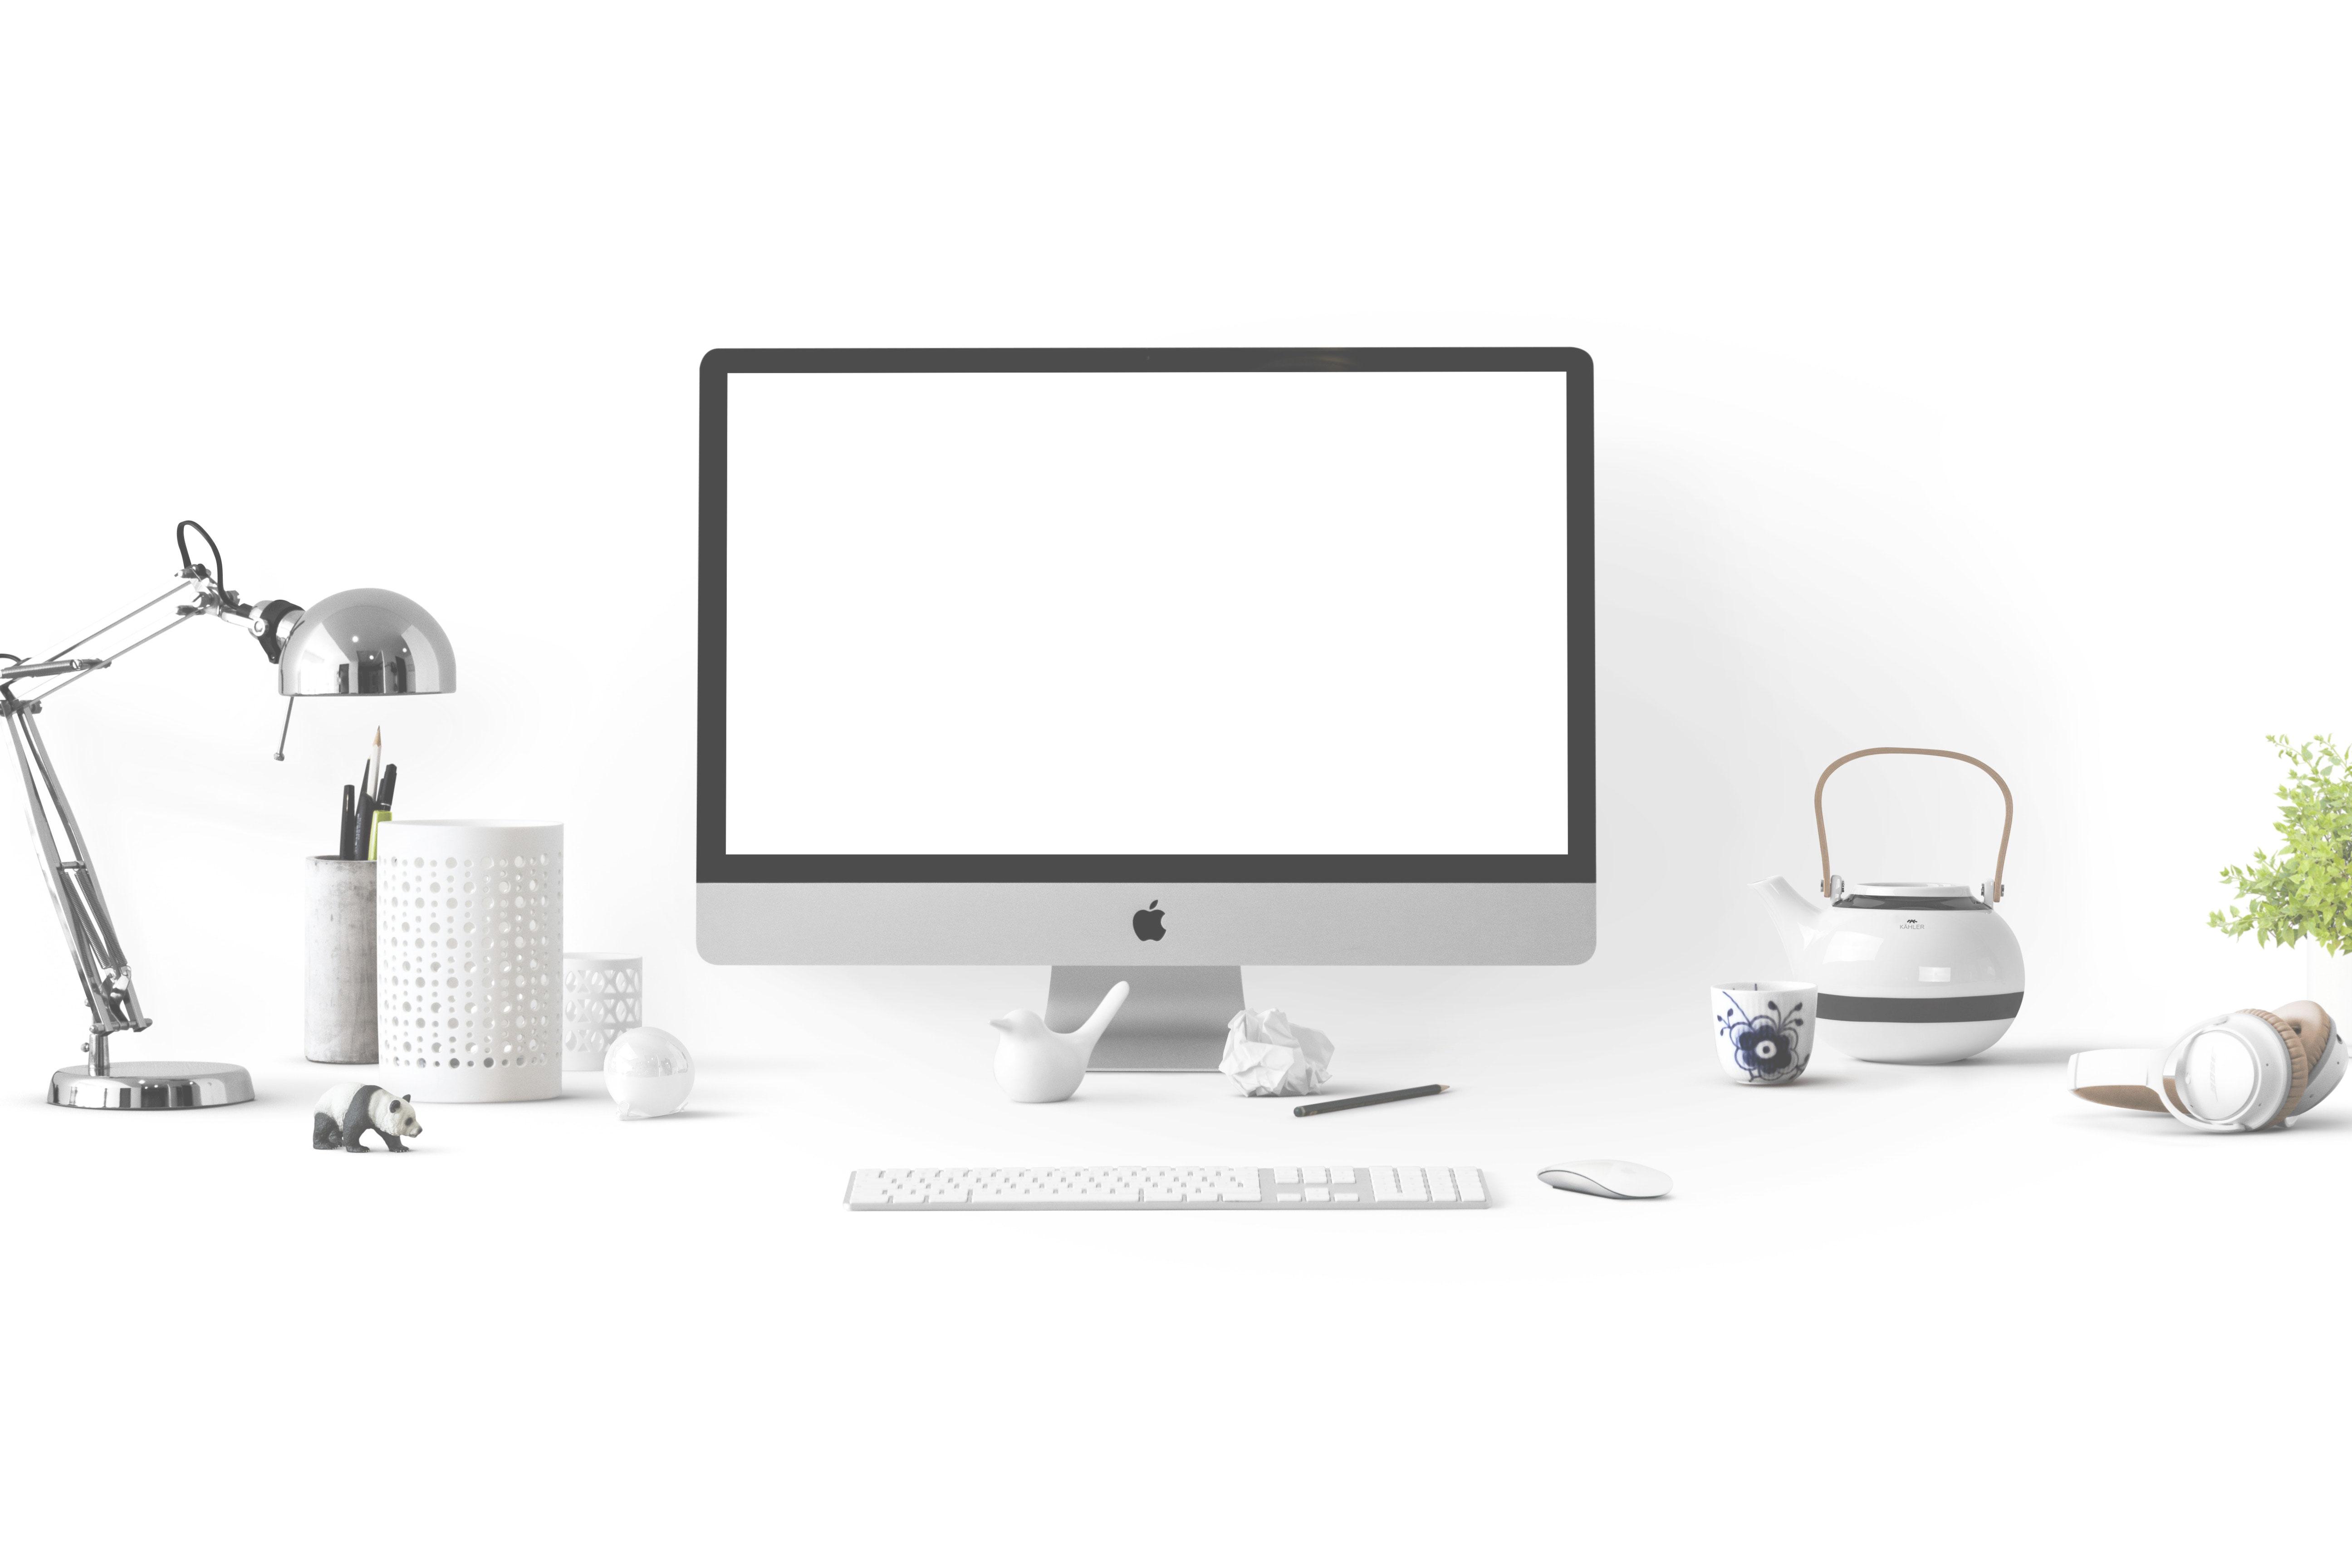 zel-designs-web-design-2019-a